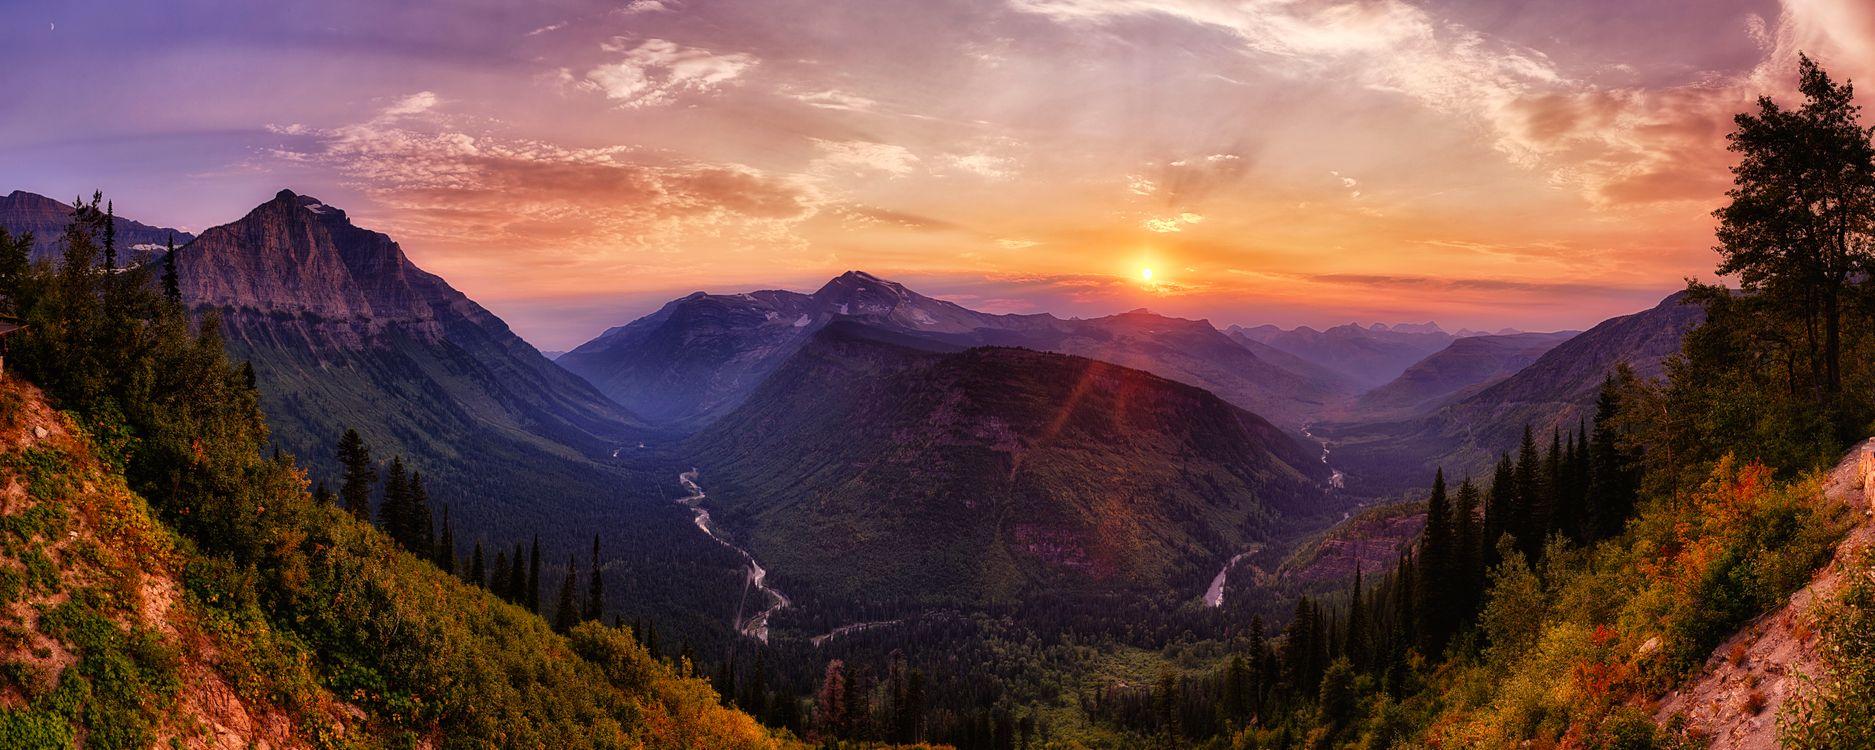 Закат в горах и река · бесплатное фото